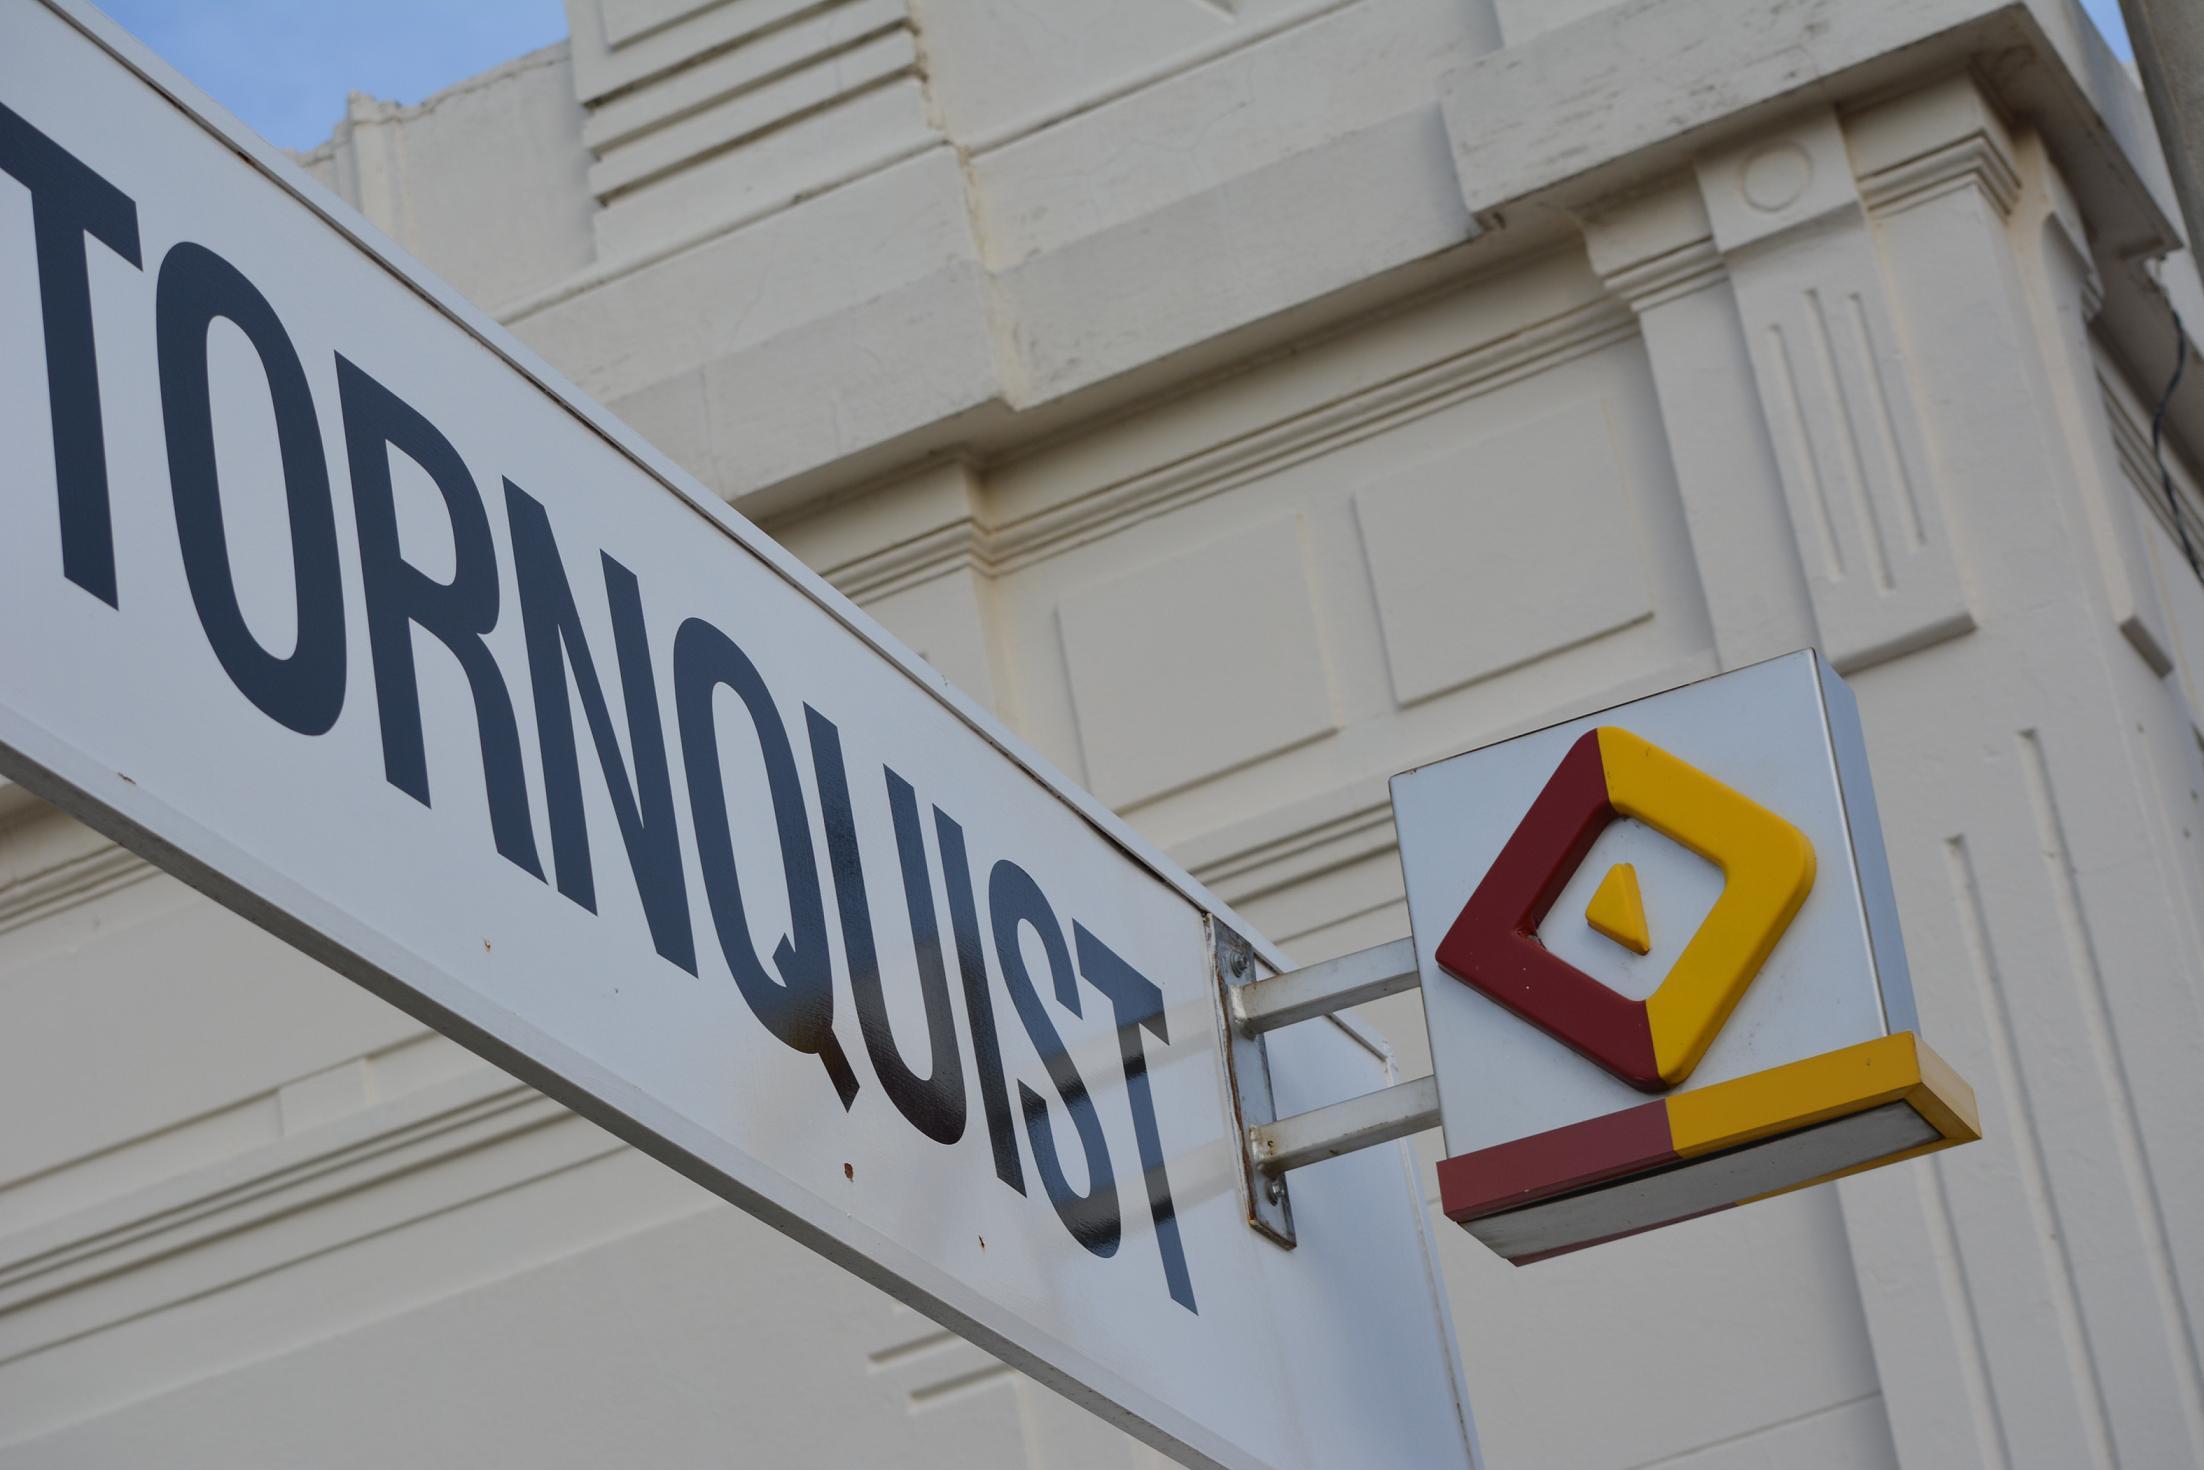 Tornquist – Pami brinda información importante a sus afiliados